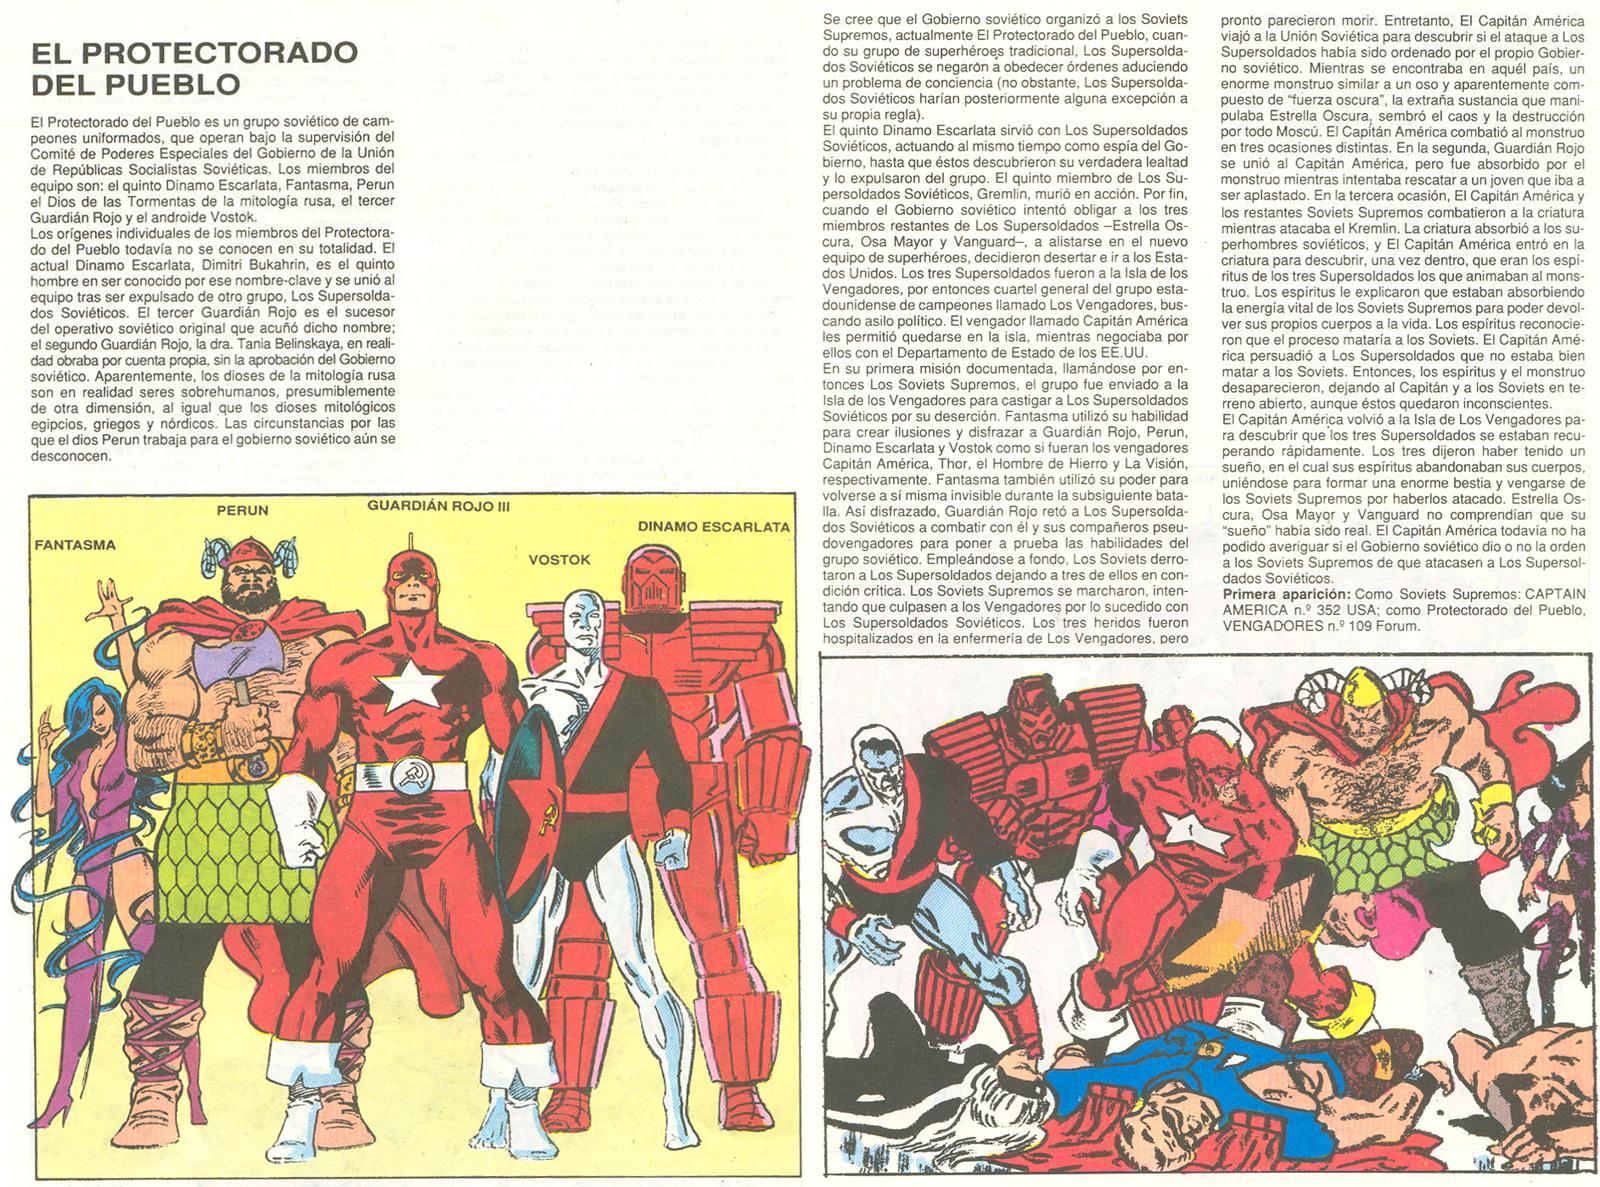 Los comunistas también tenemos superhéroes _protectorado